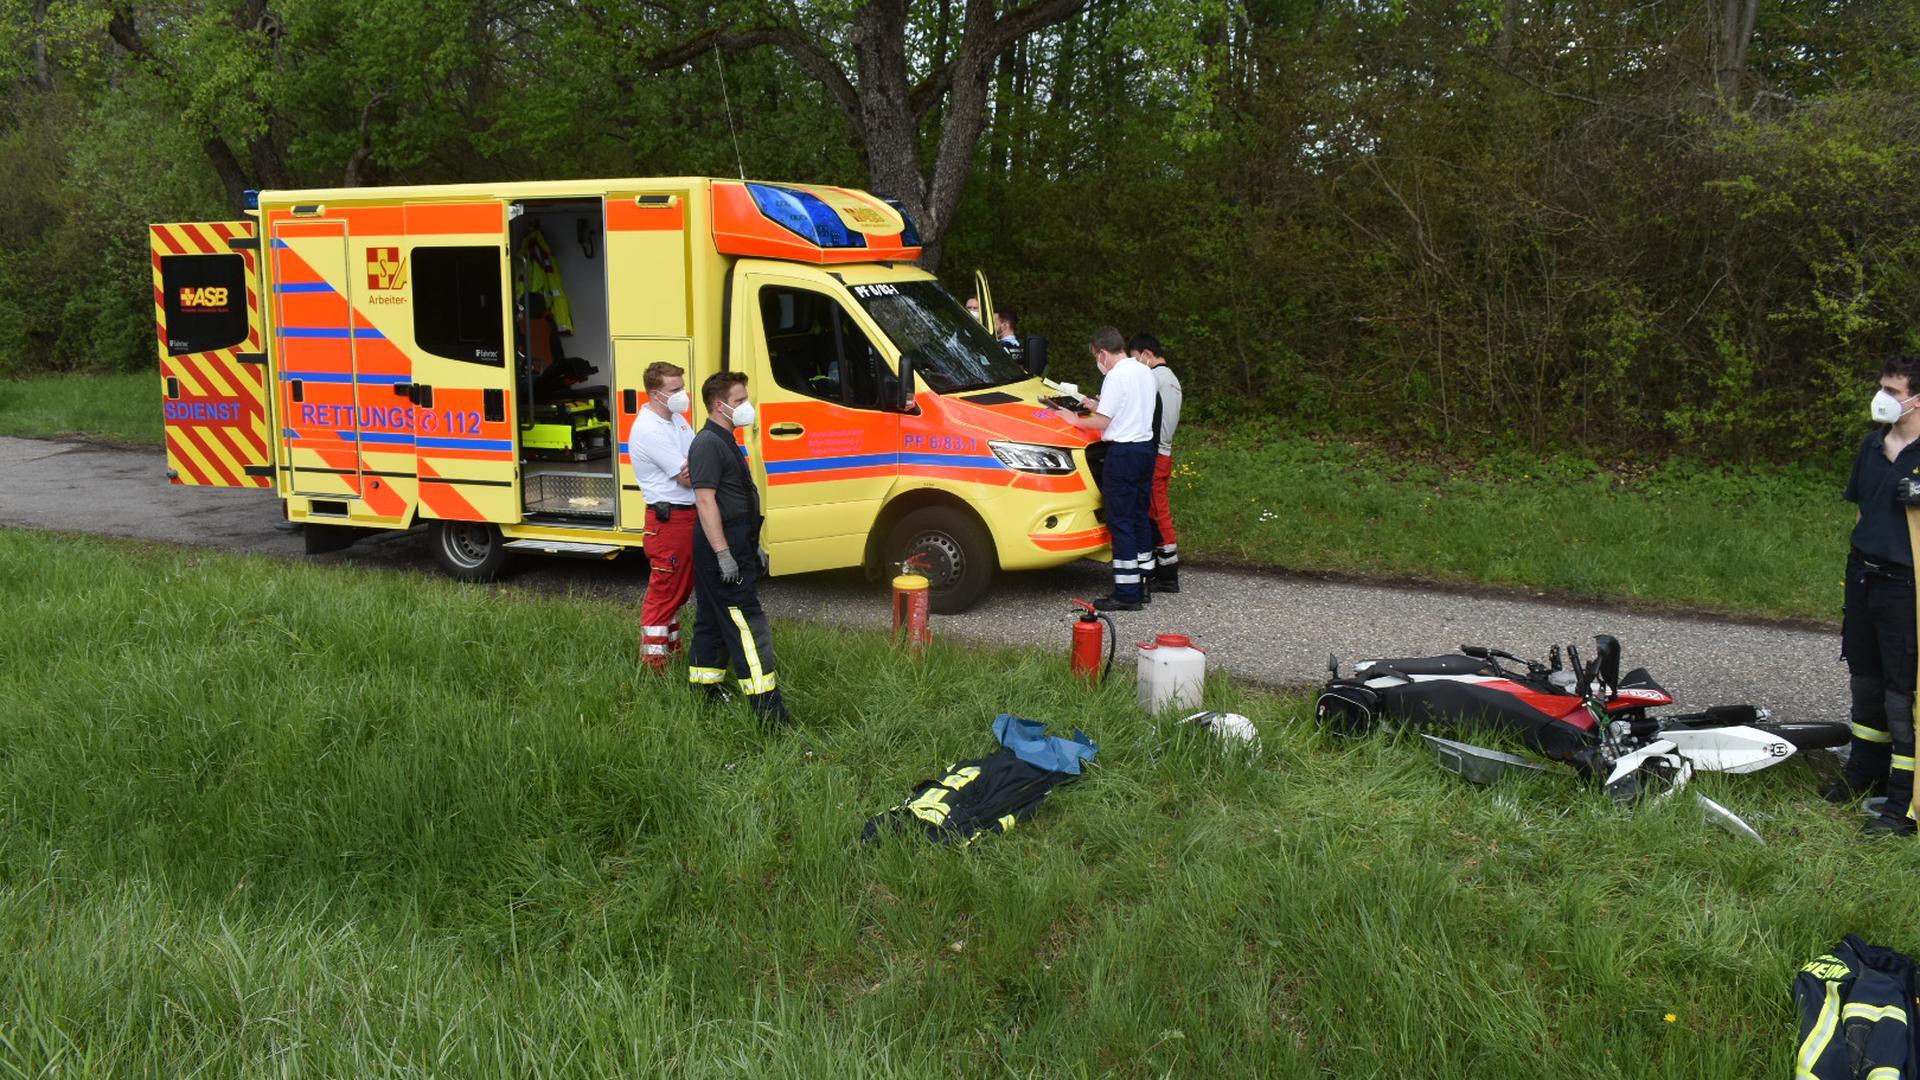 Ein rotes Motorrad liegt auf einer Wiese. Im Hintergrund ein Rettungswagen und mehrere Ersthelfer mit Mundschutz.